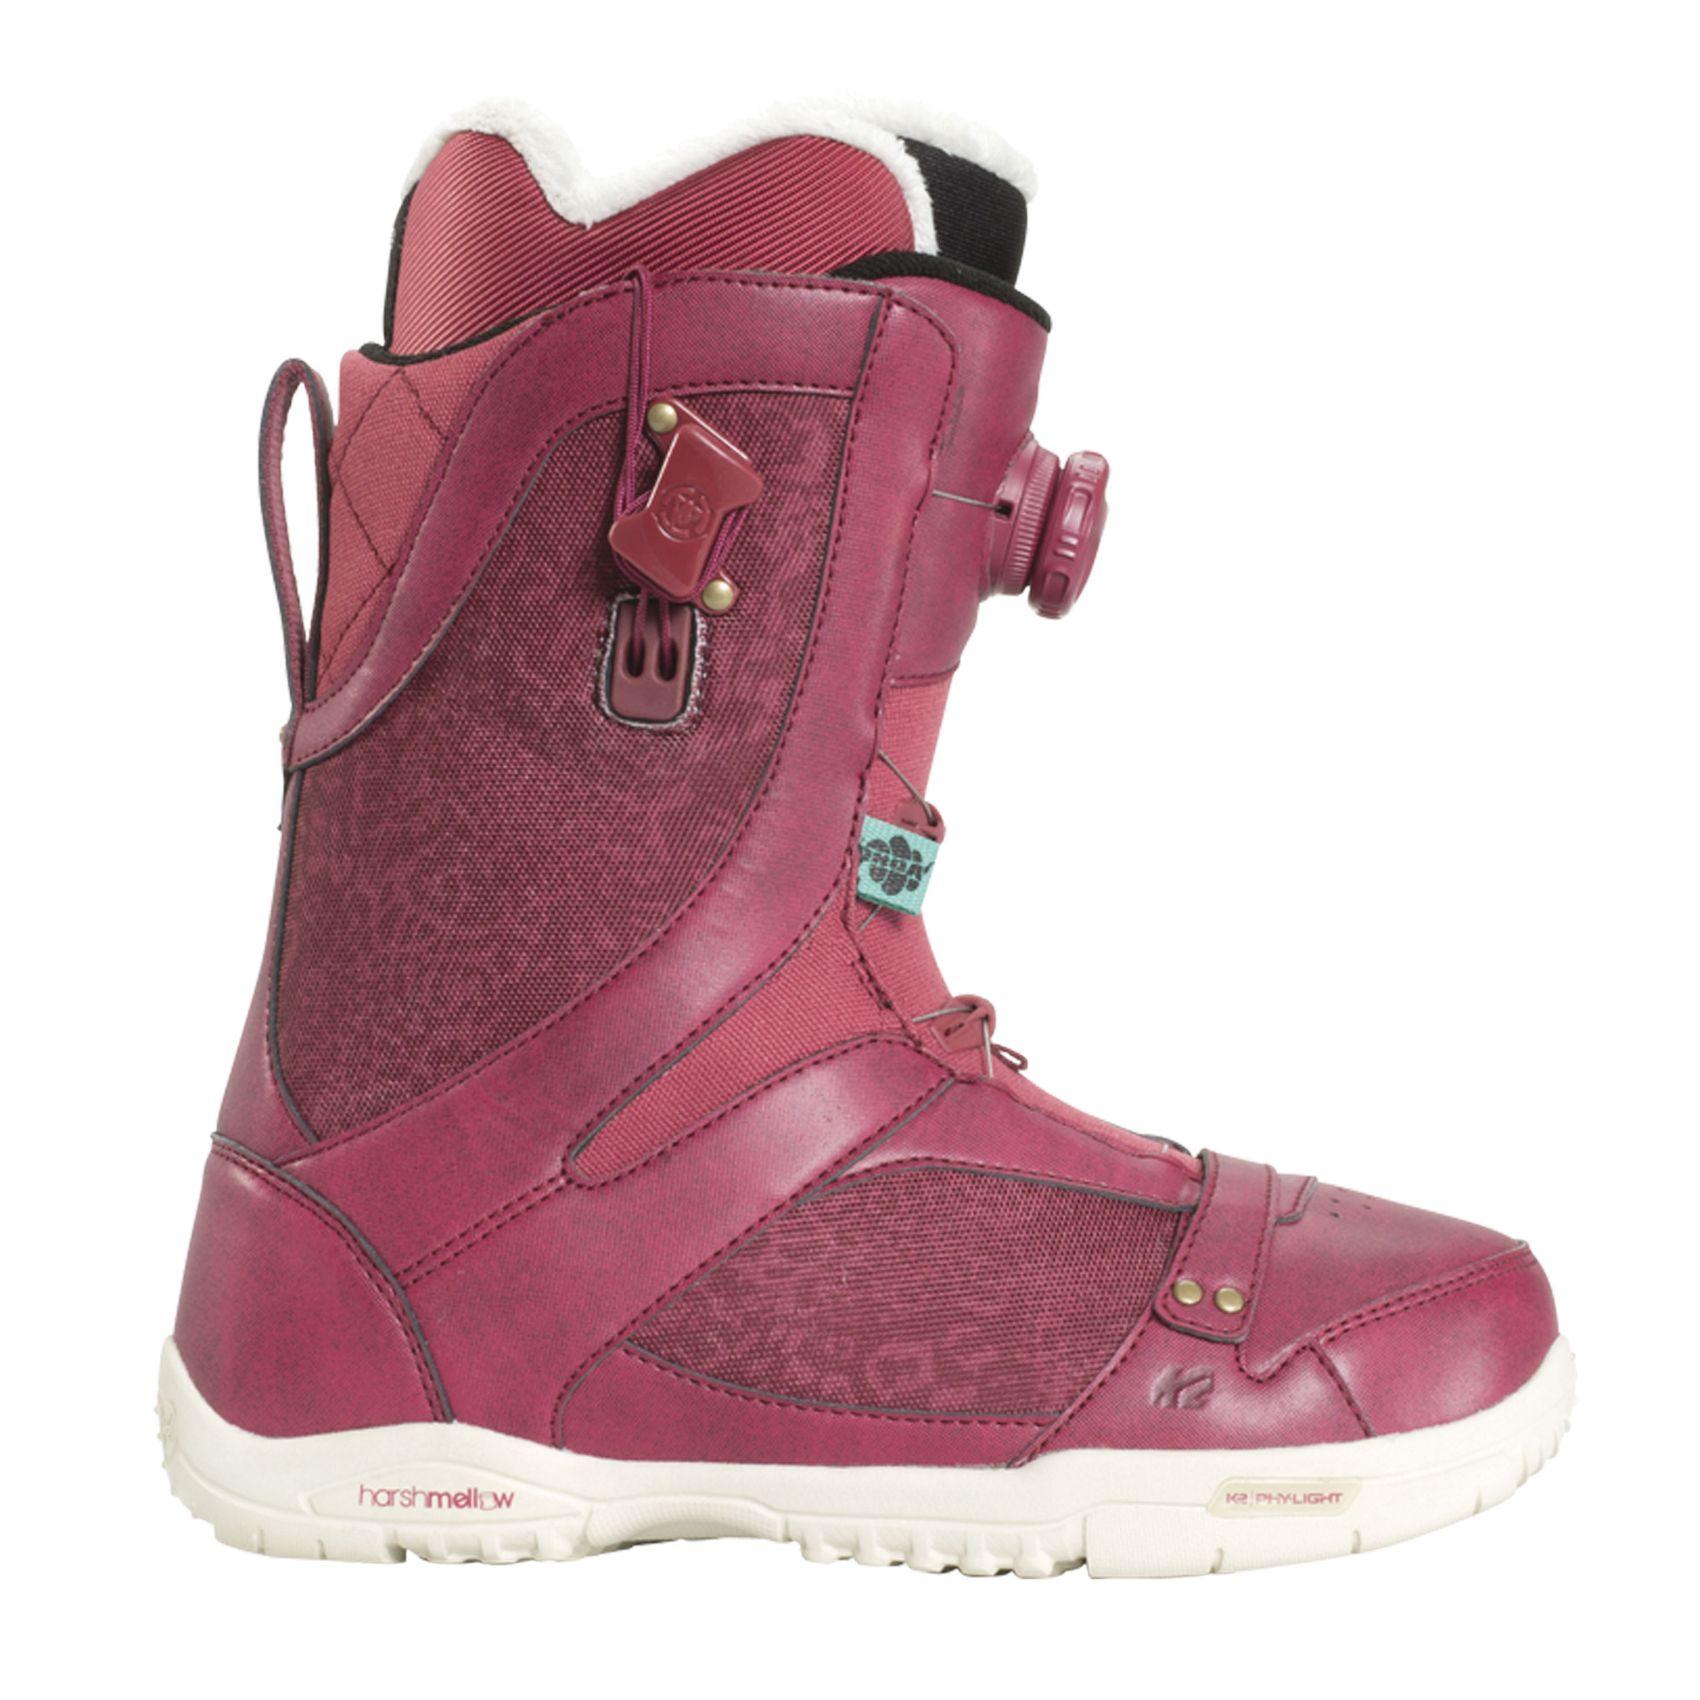 K2 Sapera burgundy Damen Gr. 5.0 US 8KleT4